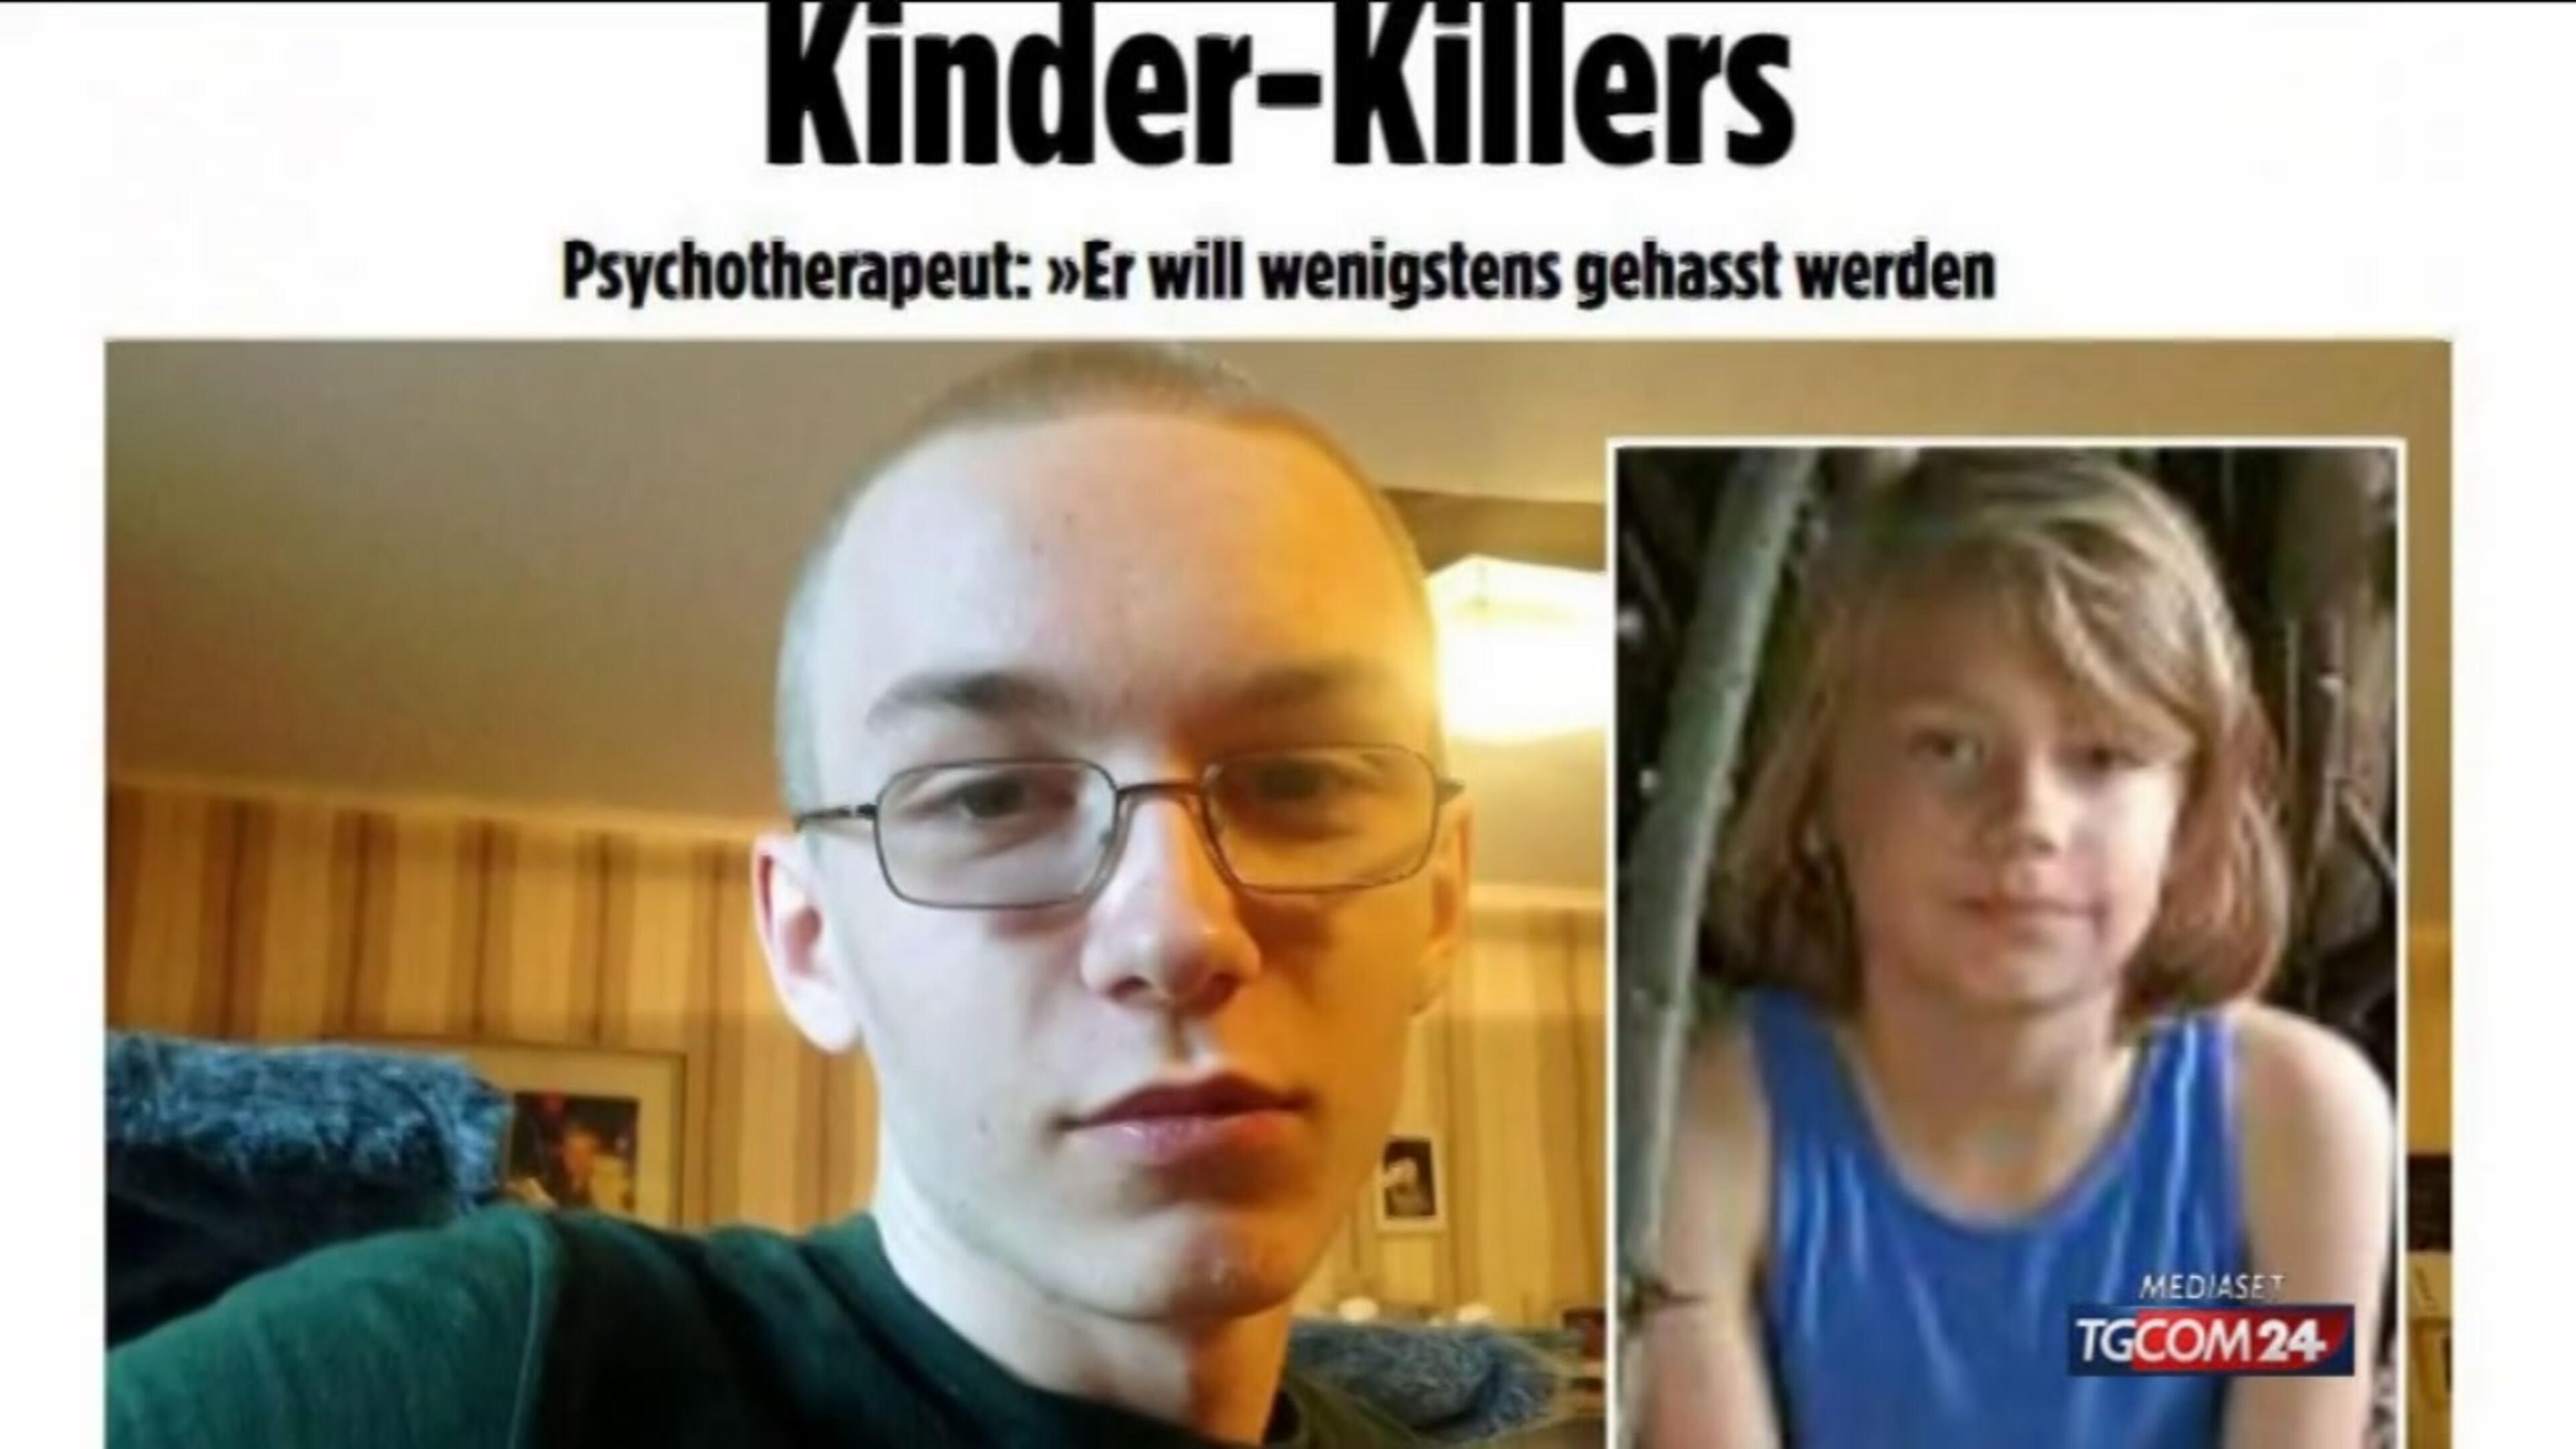 Germania, catturato il killer del bimbo: era in un fast food